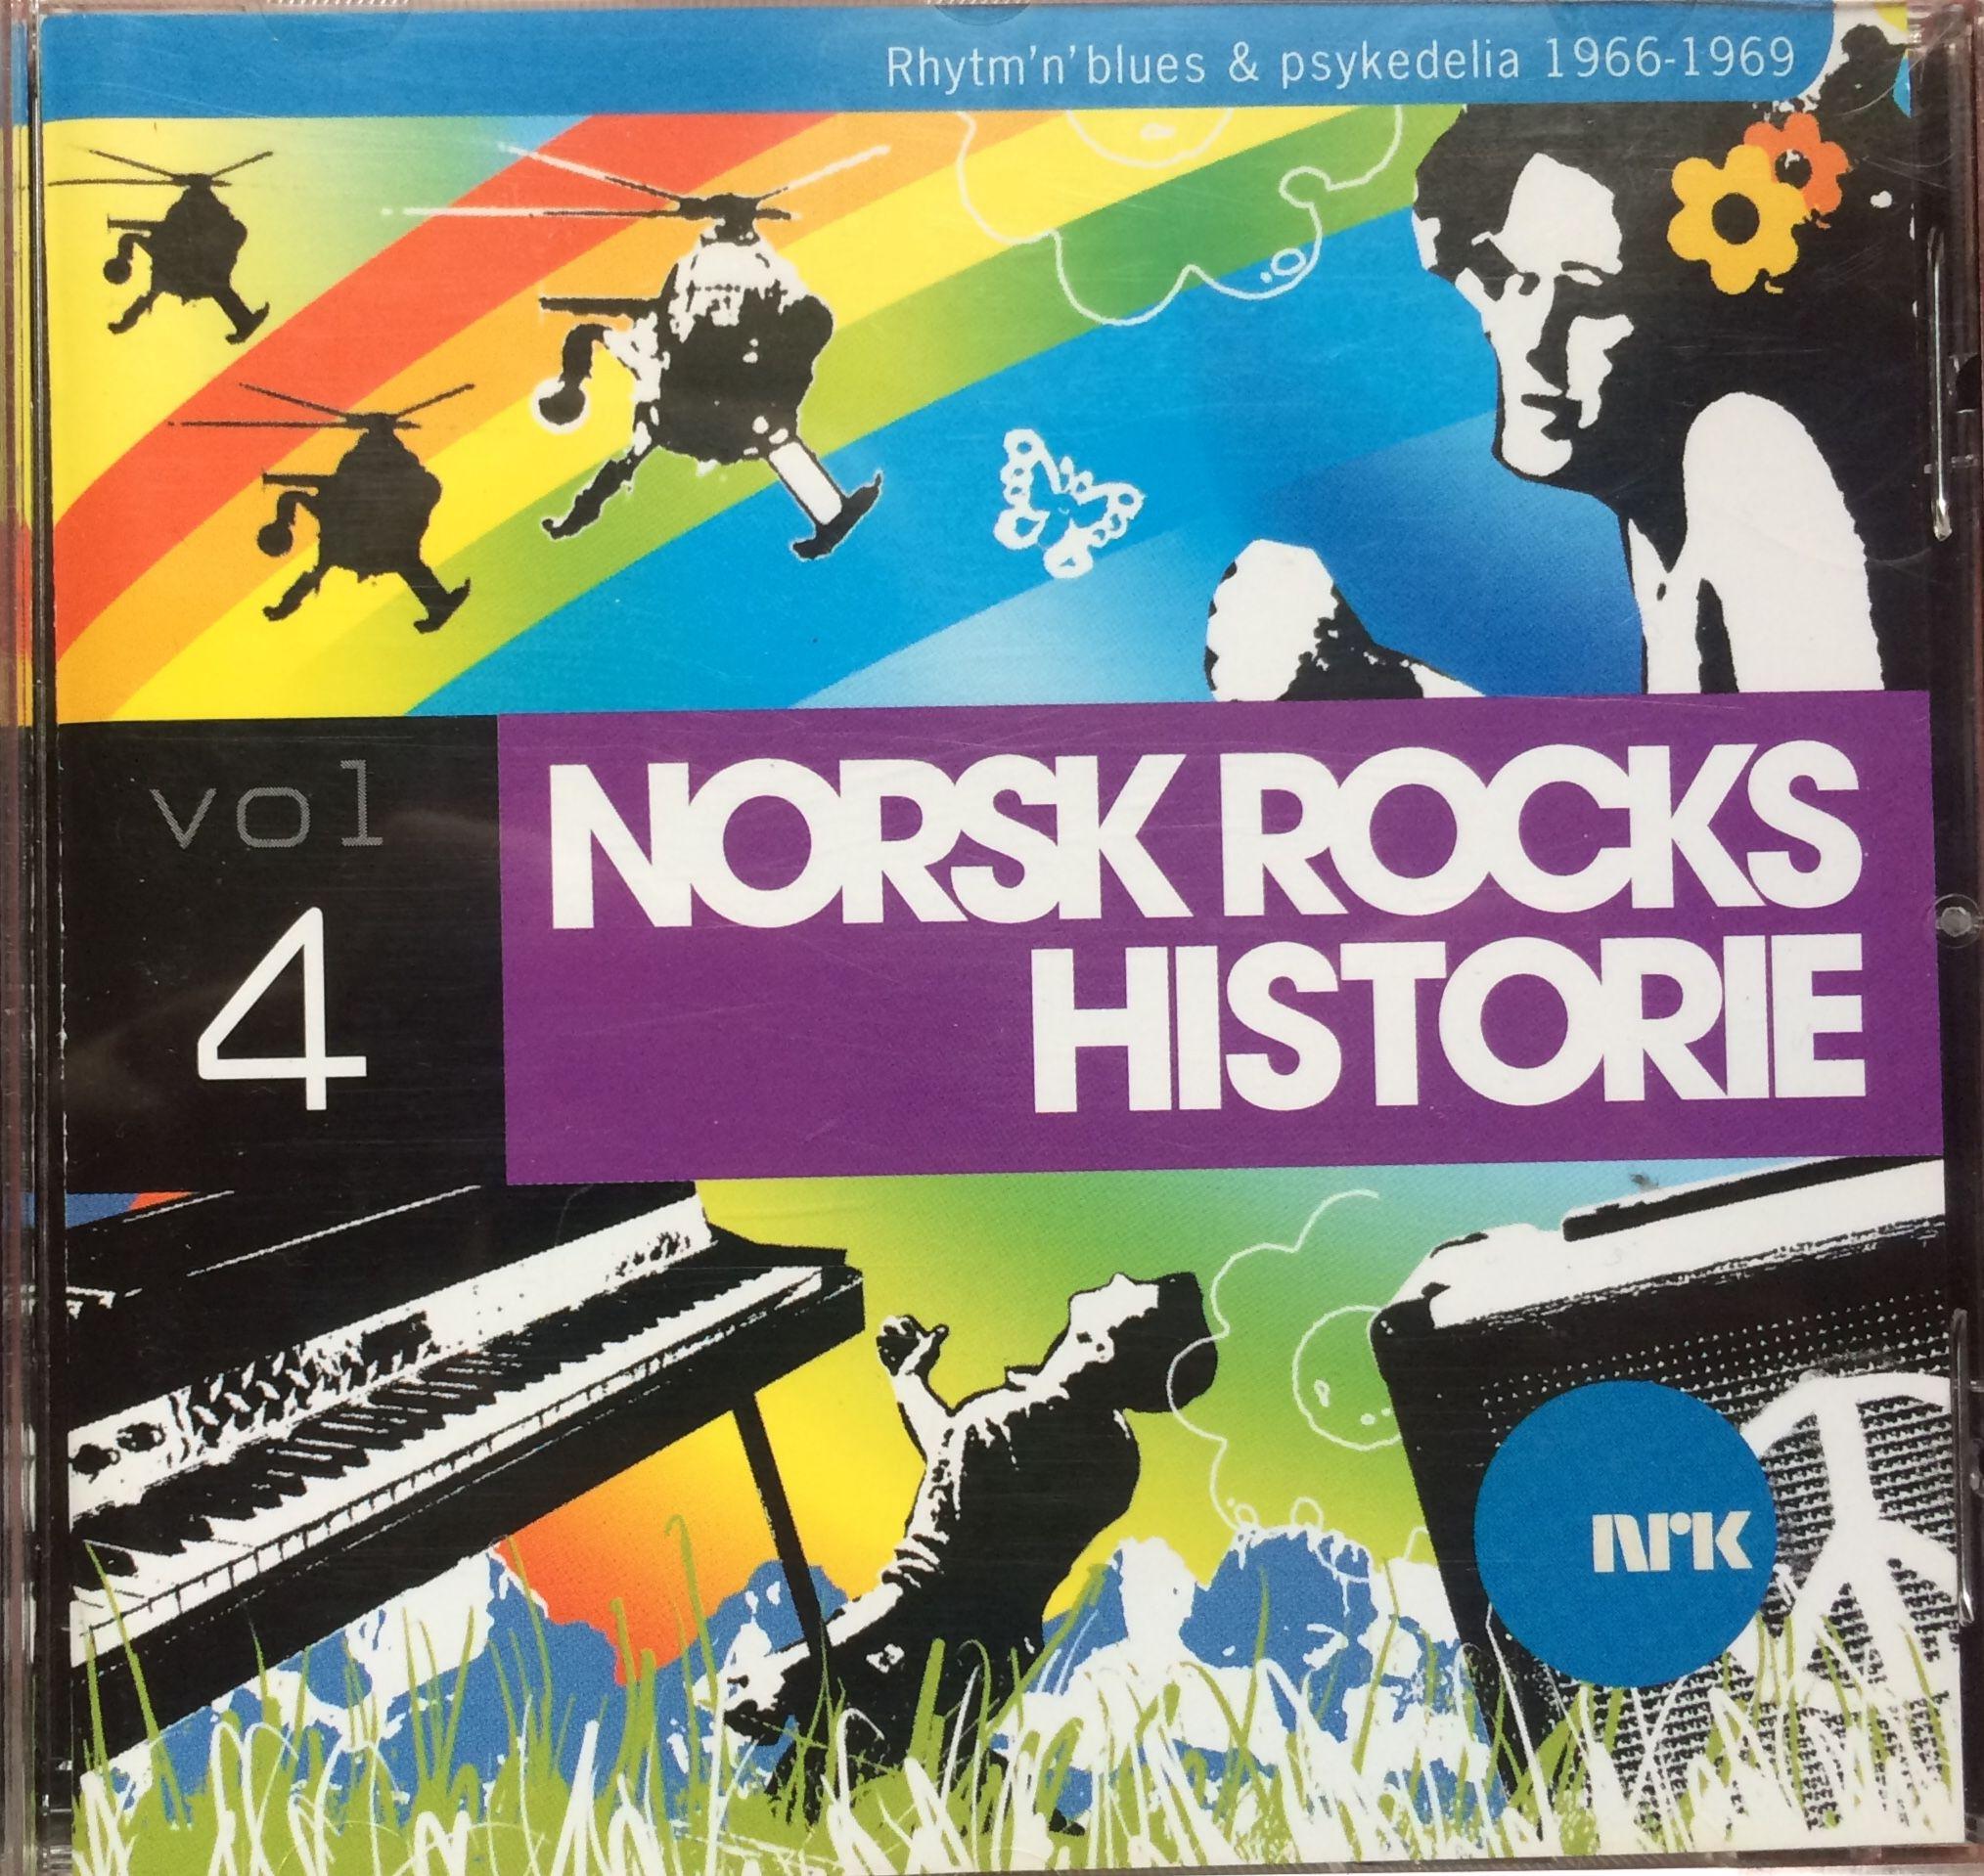 Various Artists: Norsk rocks historie 4 - rhythm'n'blues & psykedelia 1966-1969 CD (Universal/NRK 2004) Norway